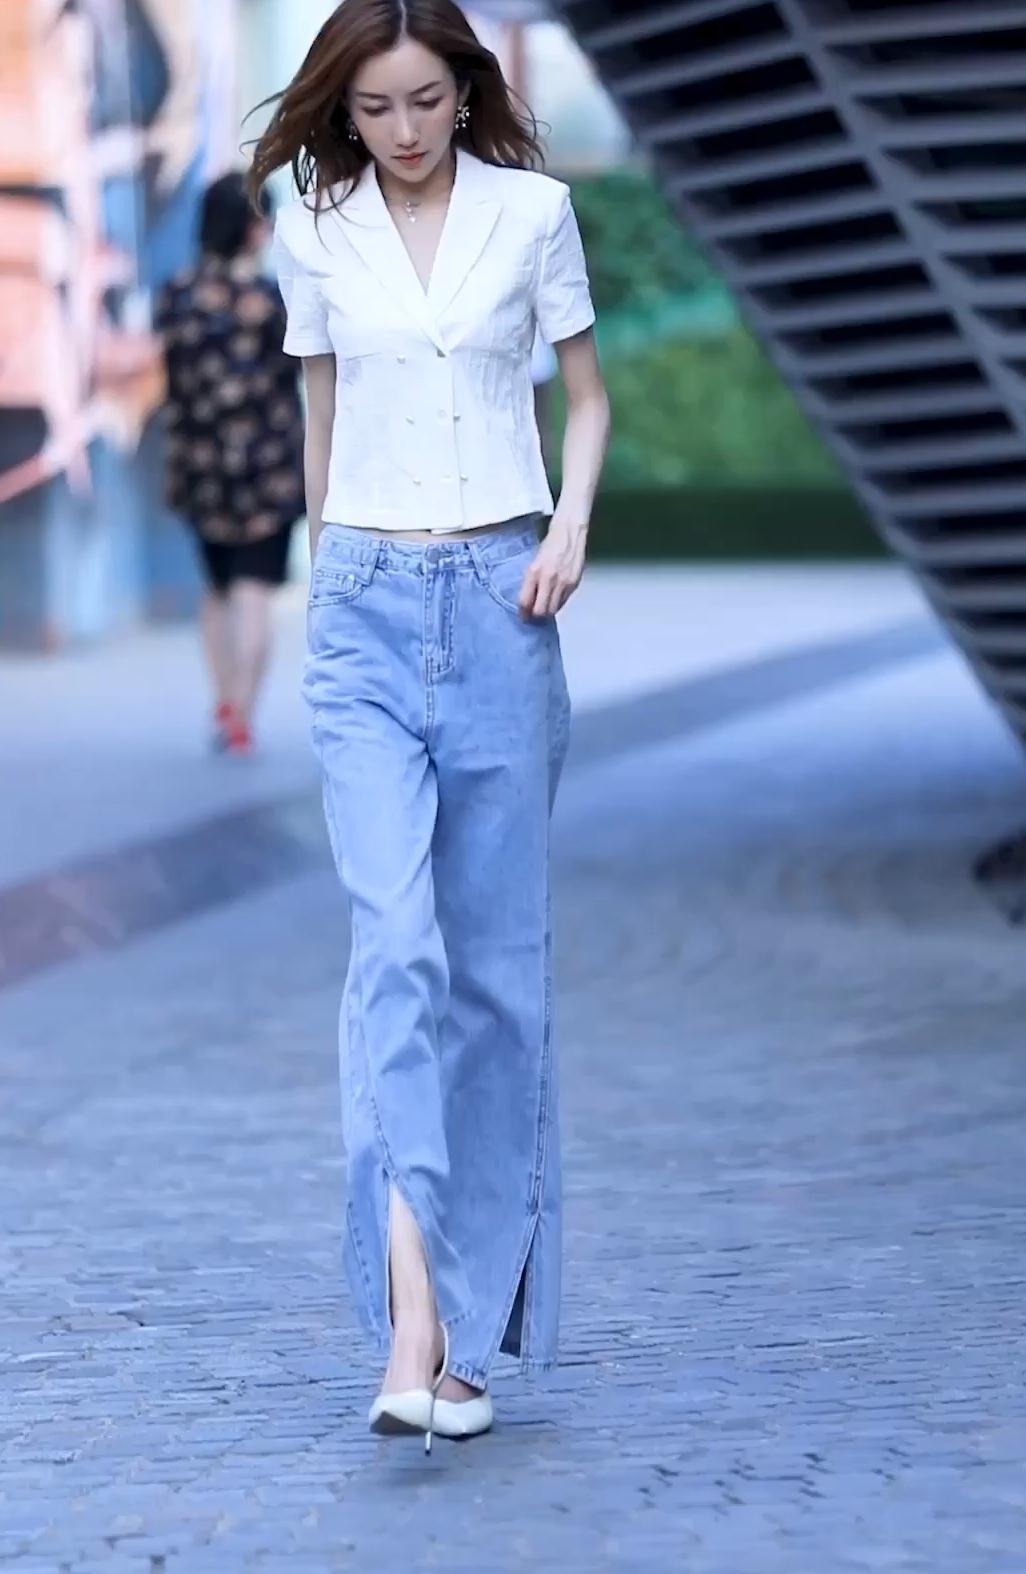 御姐风小姐姐,简约西装半袖搭配阔腿裤,彰显霸气女王气场